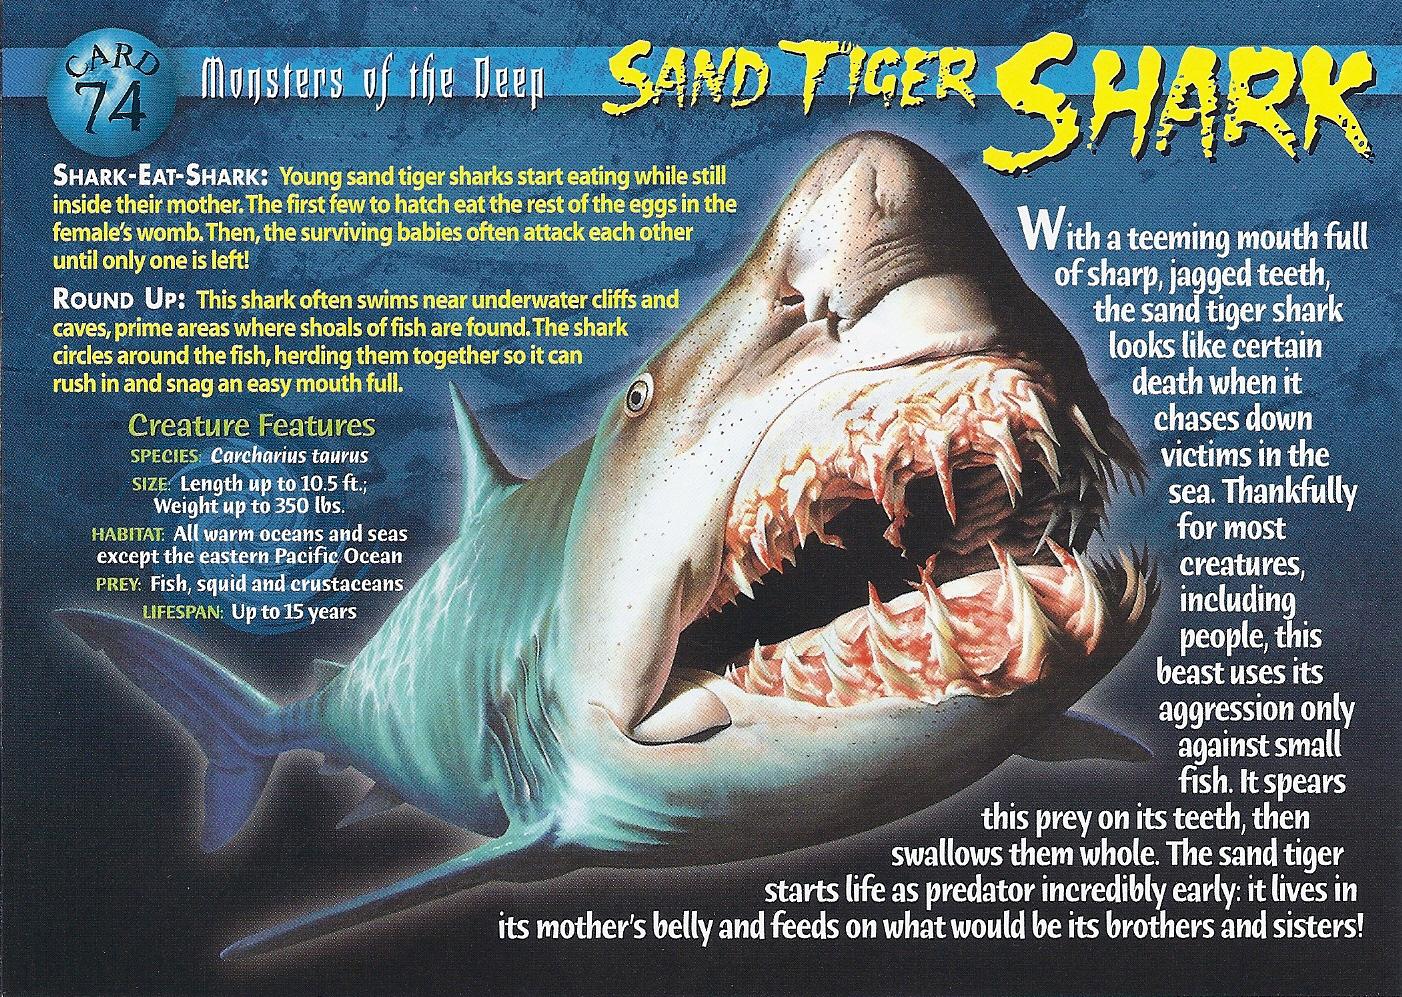 sand tiger shark weird n wild creatures wiki fandom